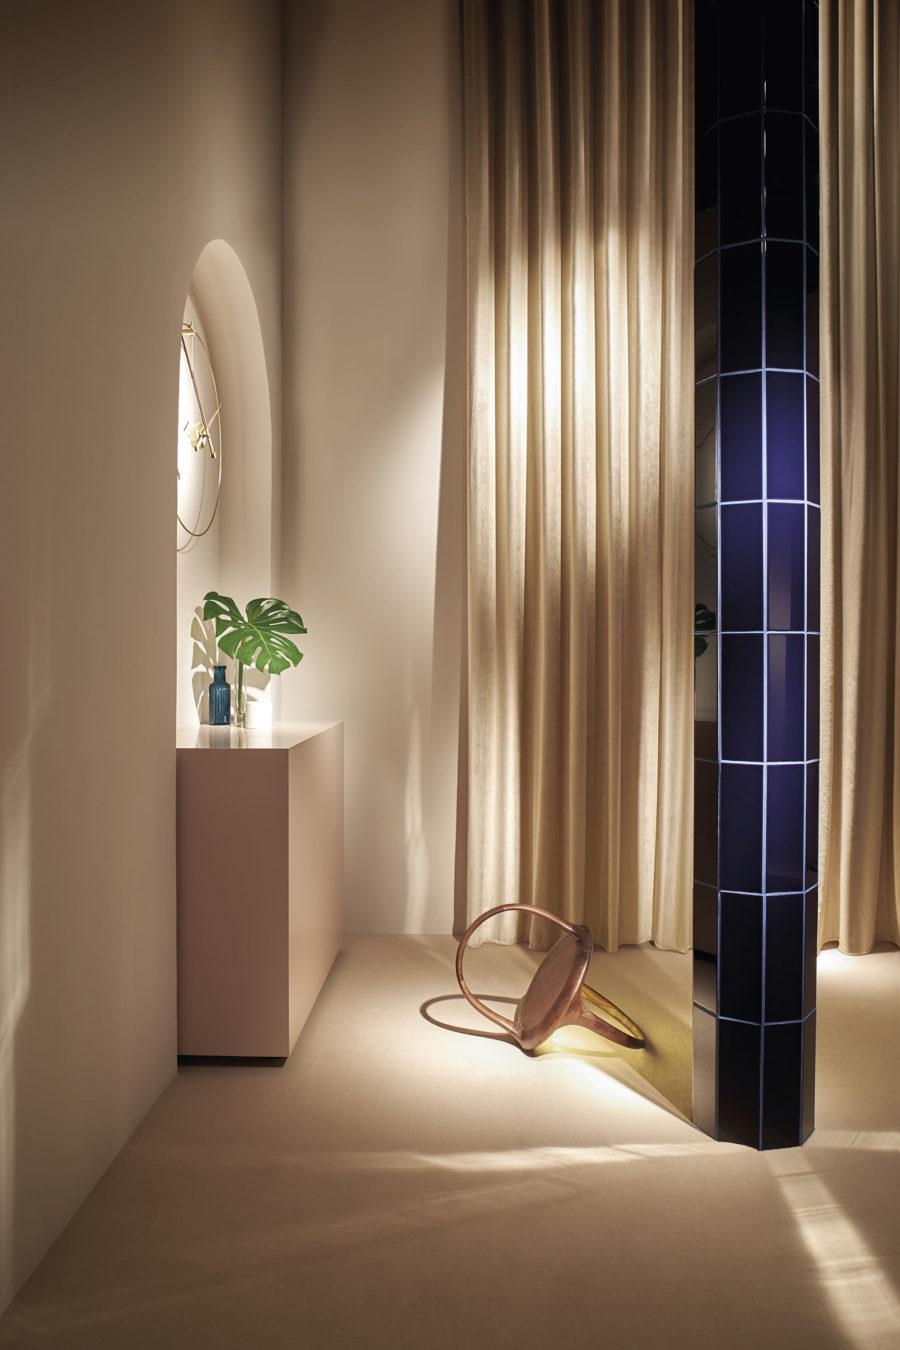 Astro Lamp Nomon Home Escultura 3